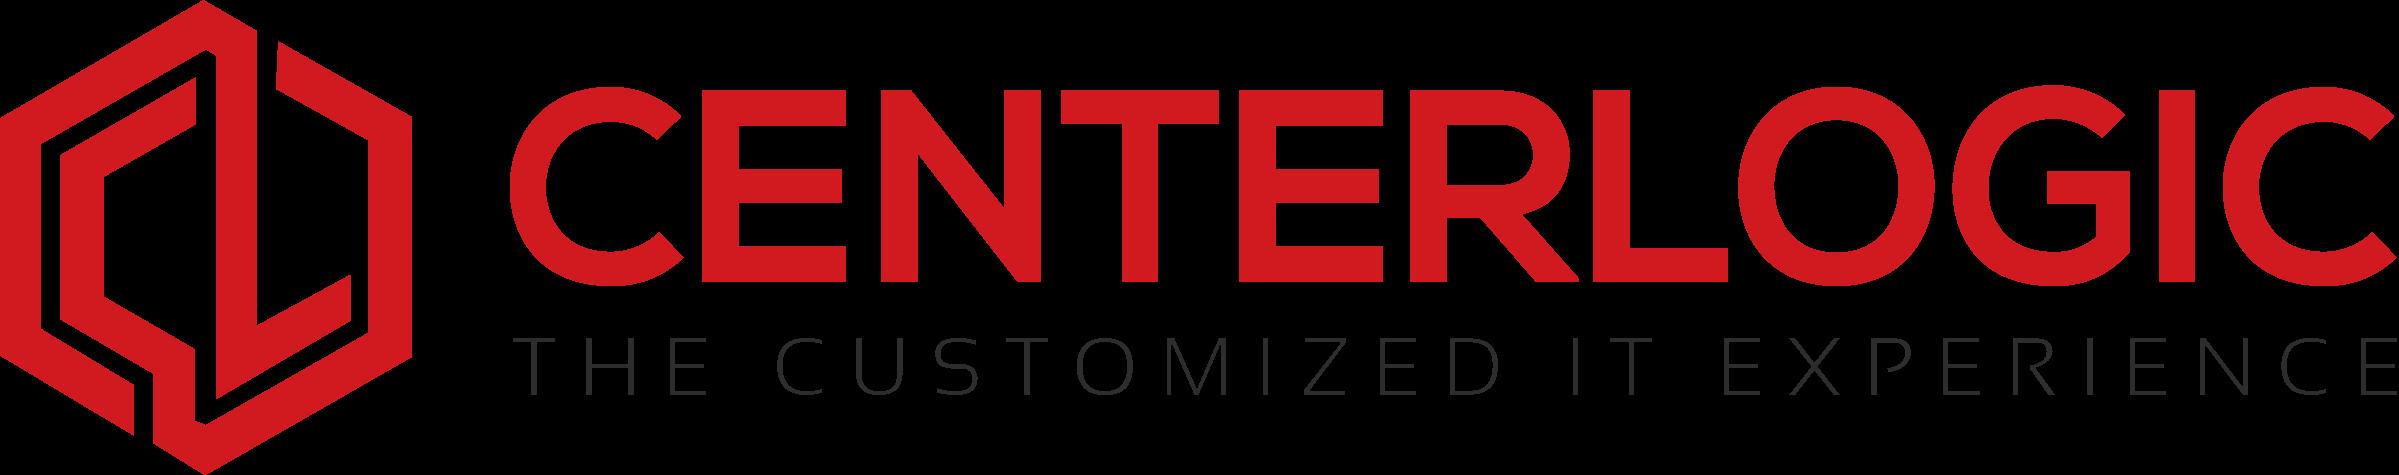 centerlogic logo